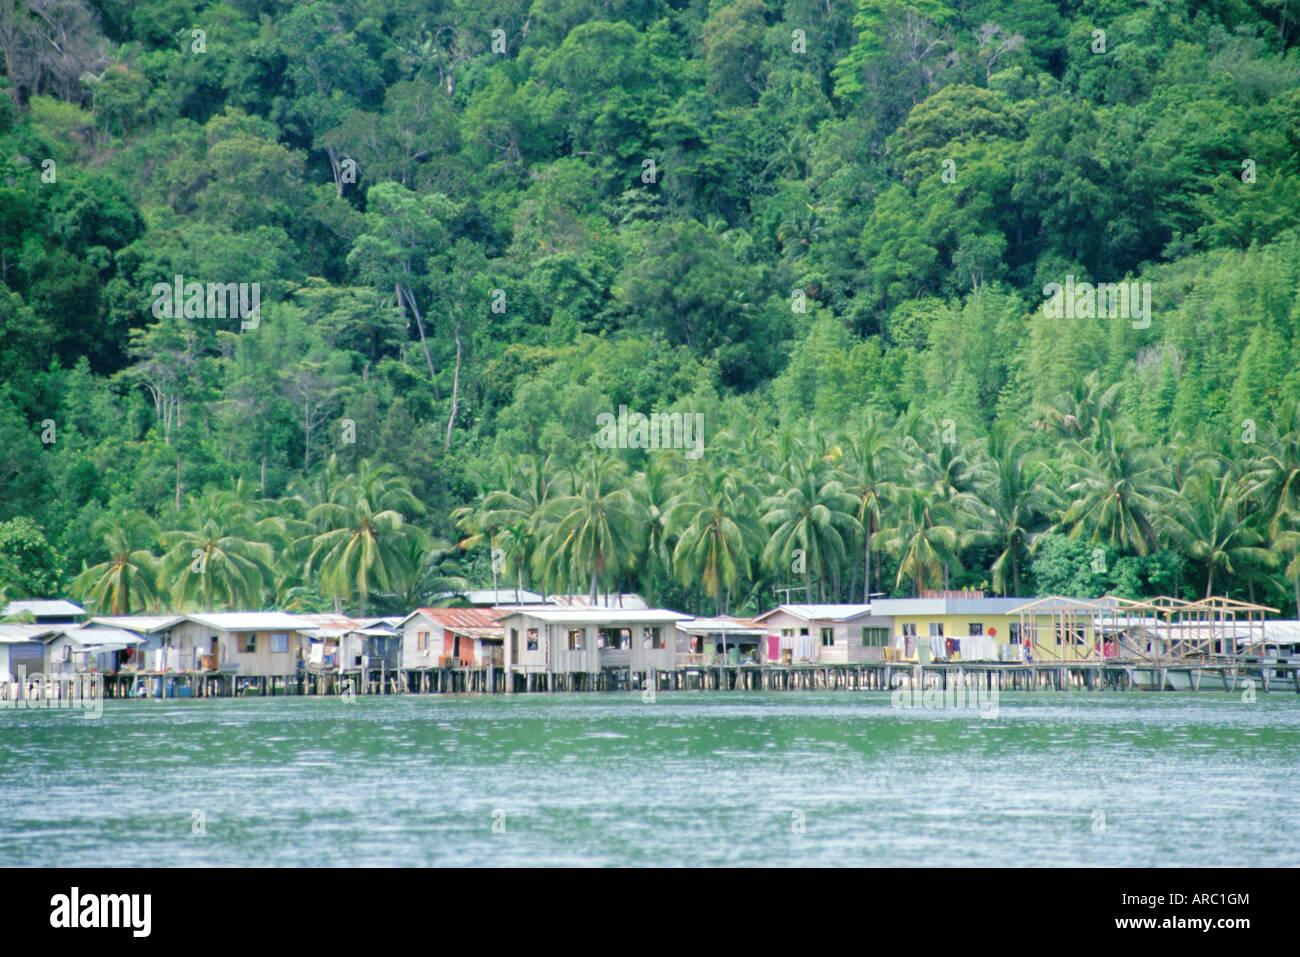 Kota Kinabalu, Sabah, on the island of Borneo, Malaysia - Stock Image